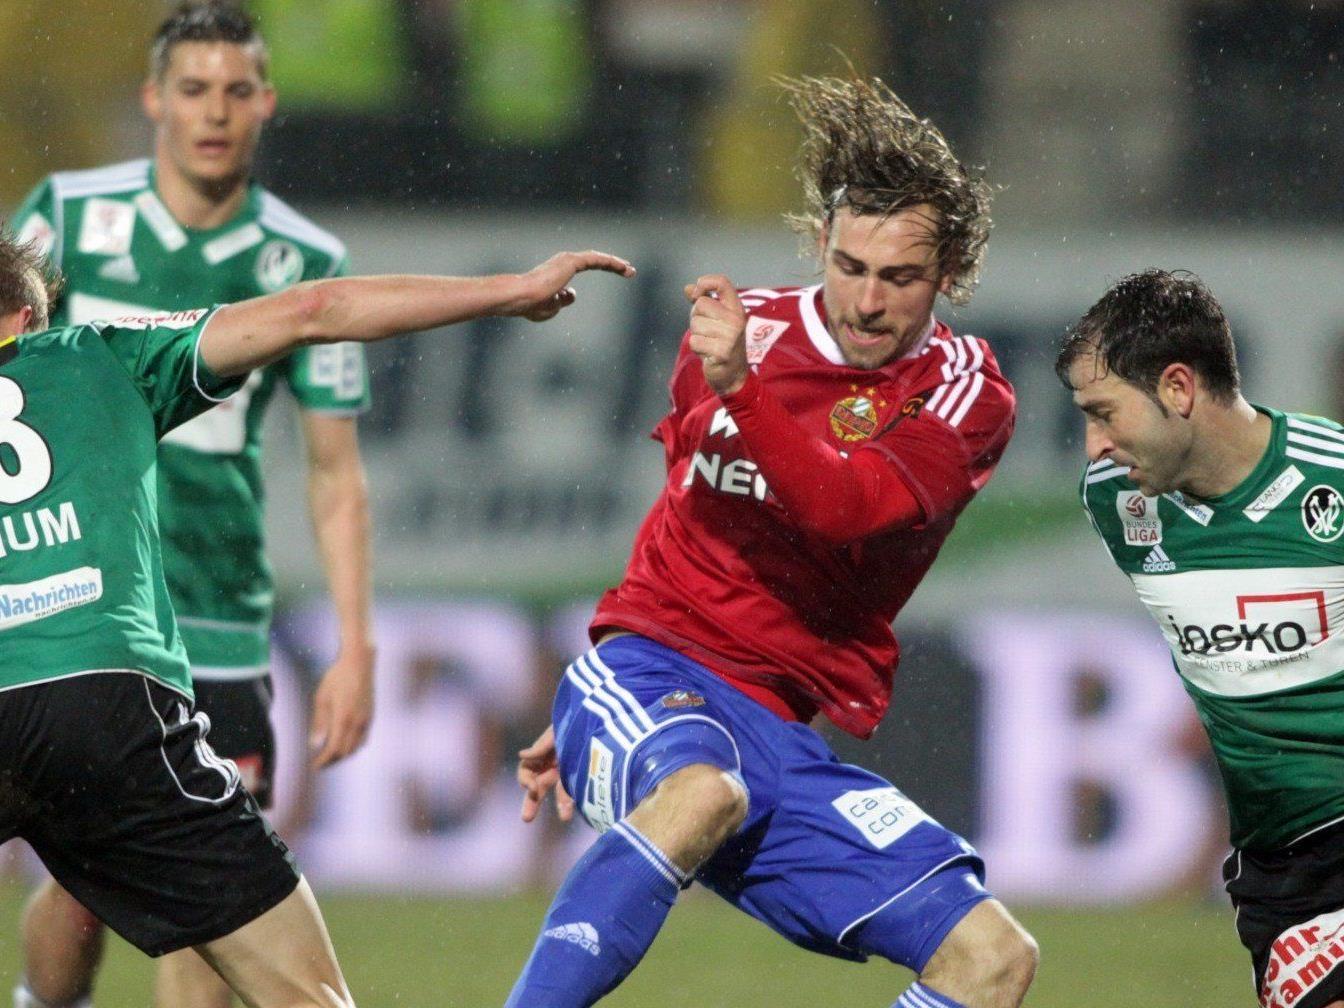 Wir berichten am Sonntag live vom Spiel SK Rapid Wien gegen SV Ried im Ticker.